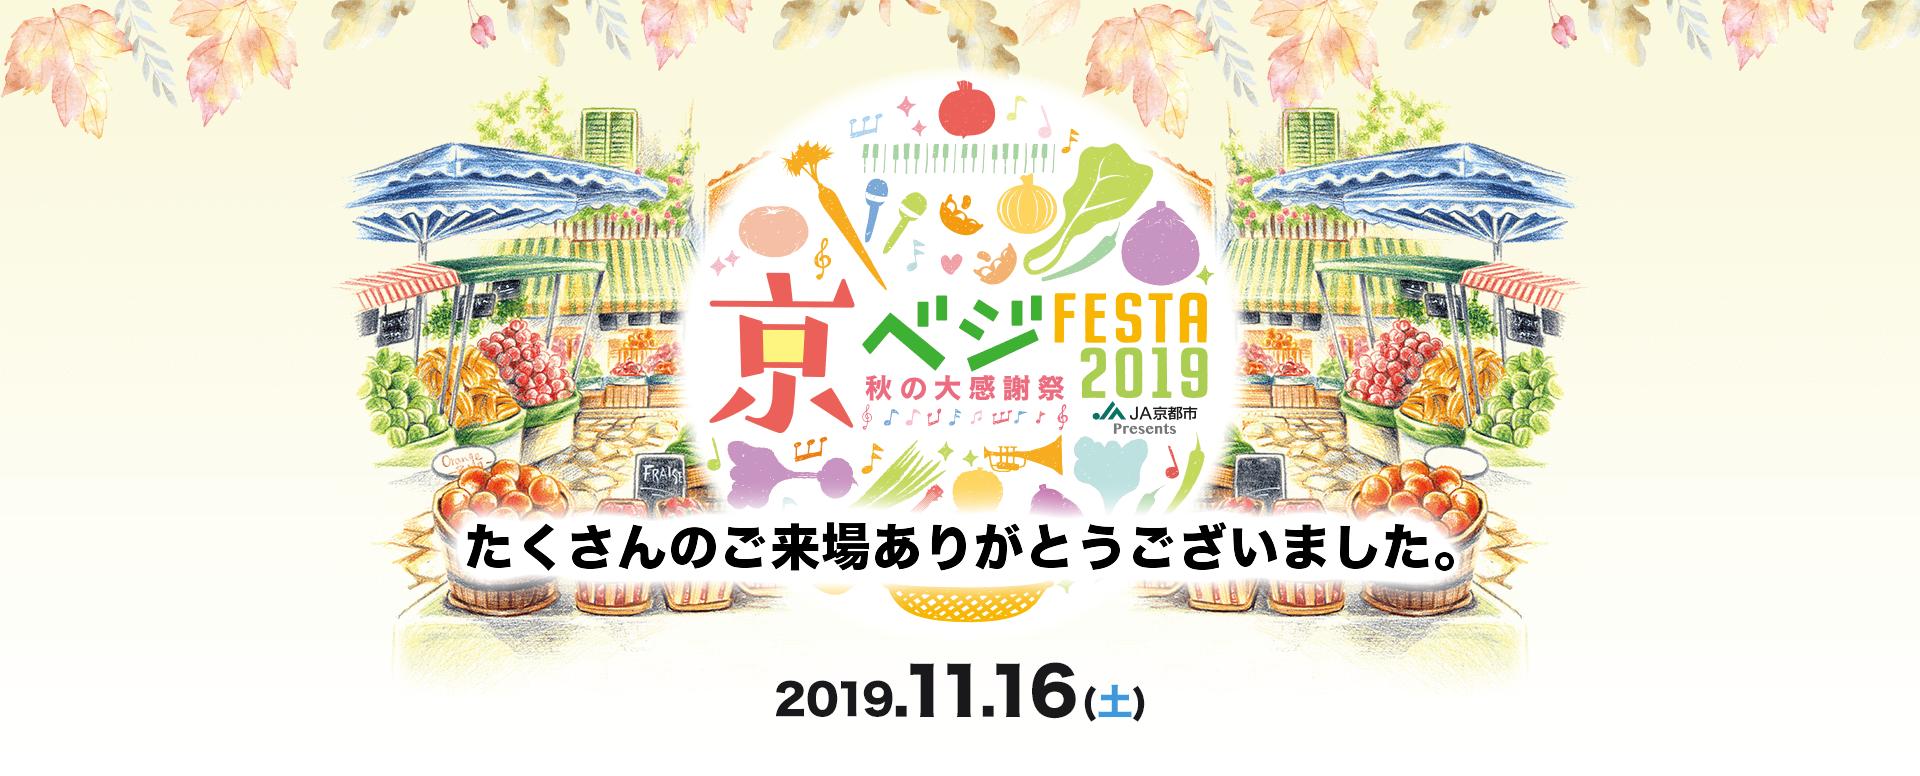 京ベジFESTA2019 秋の大感謝祭 2019.11.16(土)